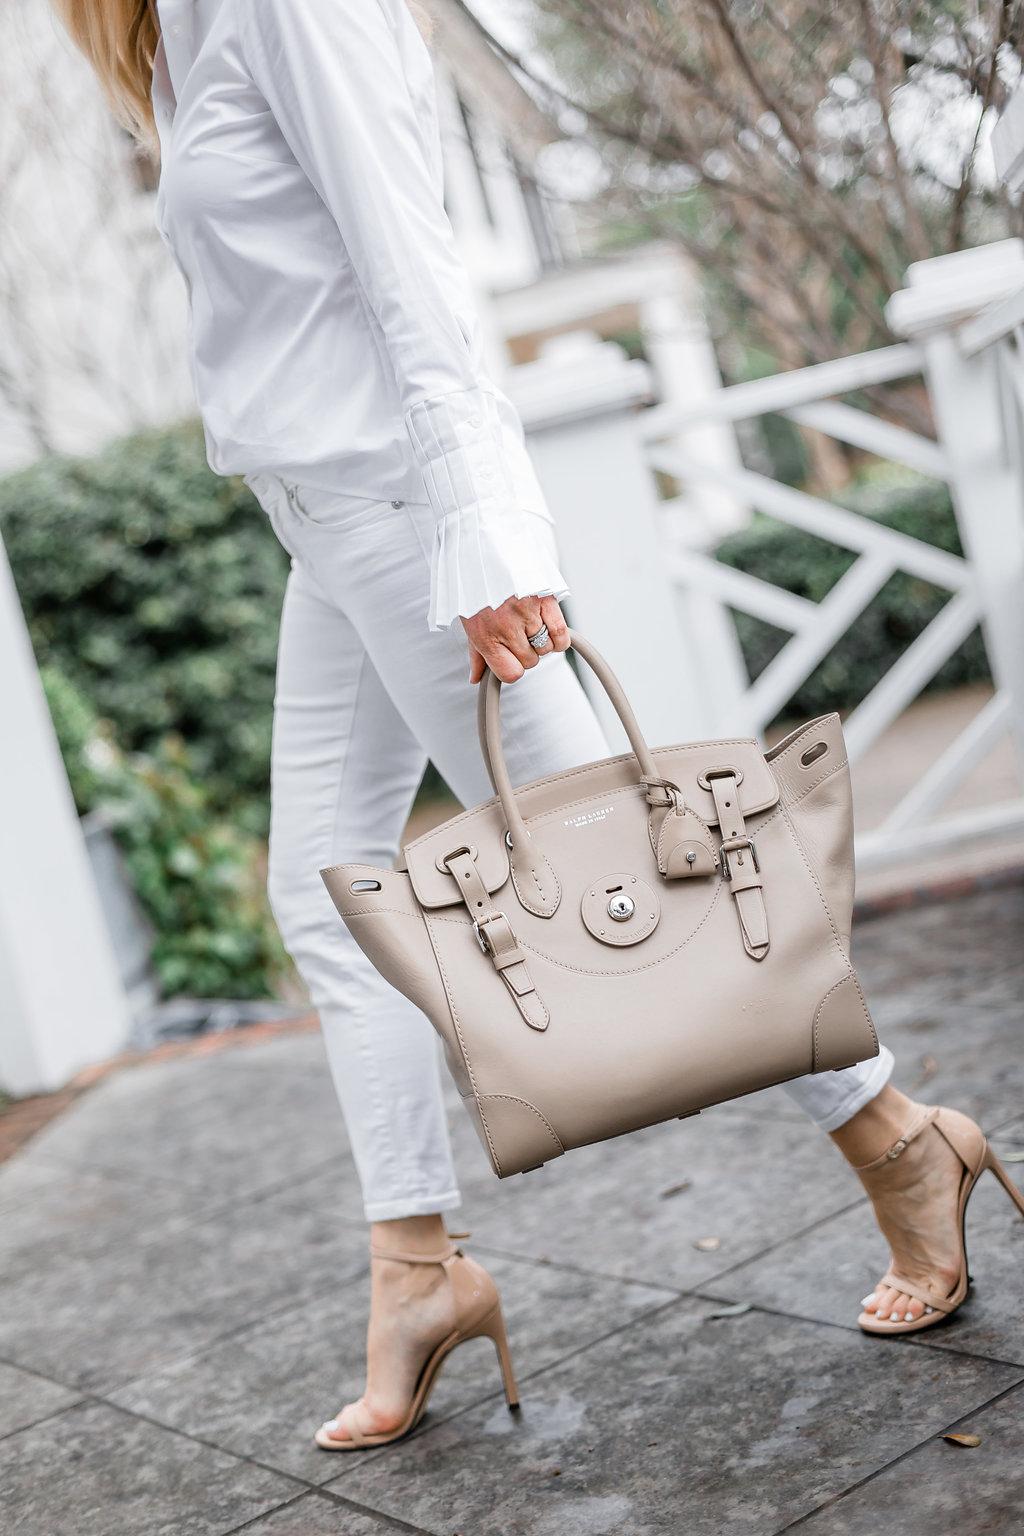 How To Get A Designer Handbag For A Fraction Of The Original Price